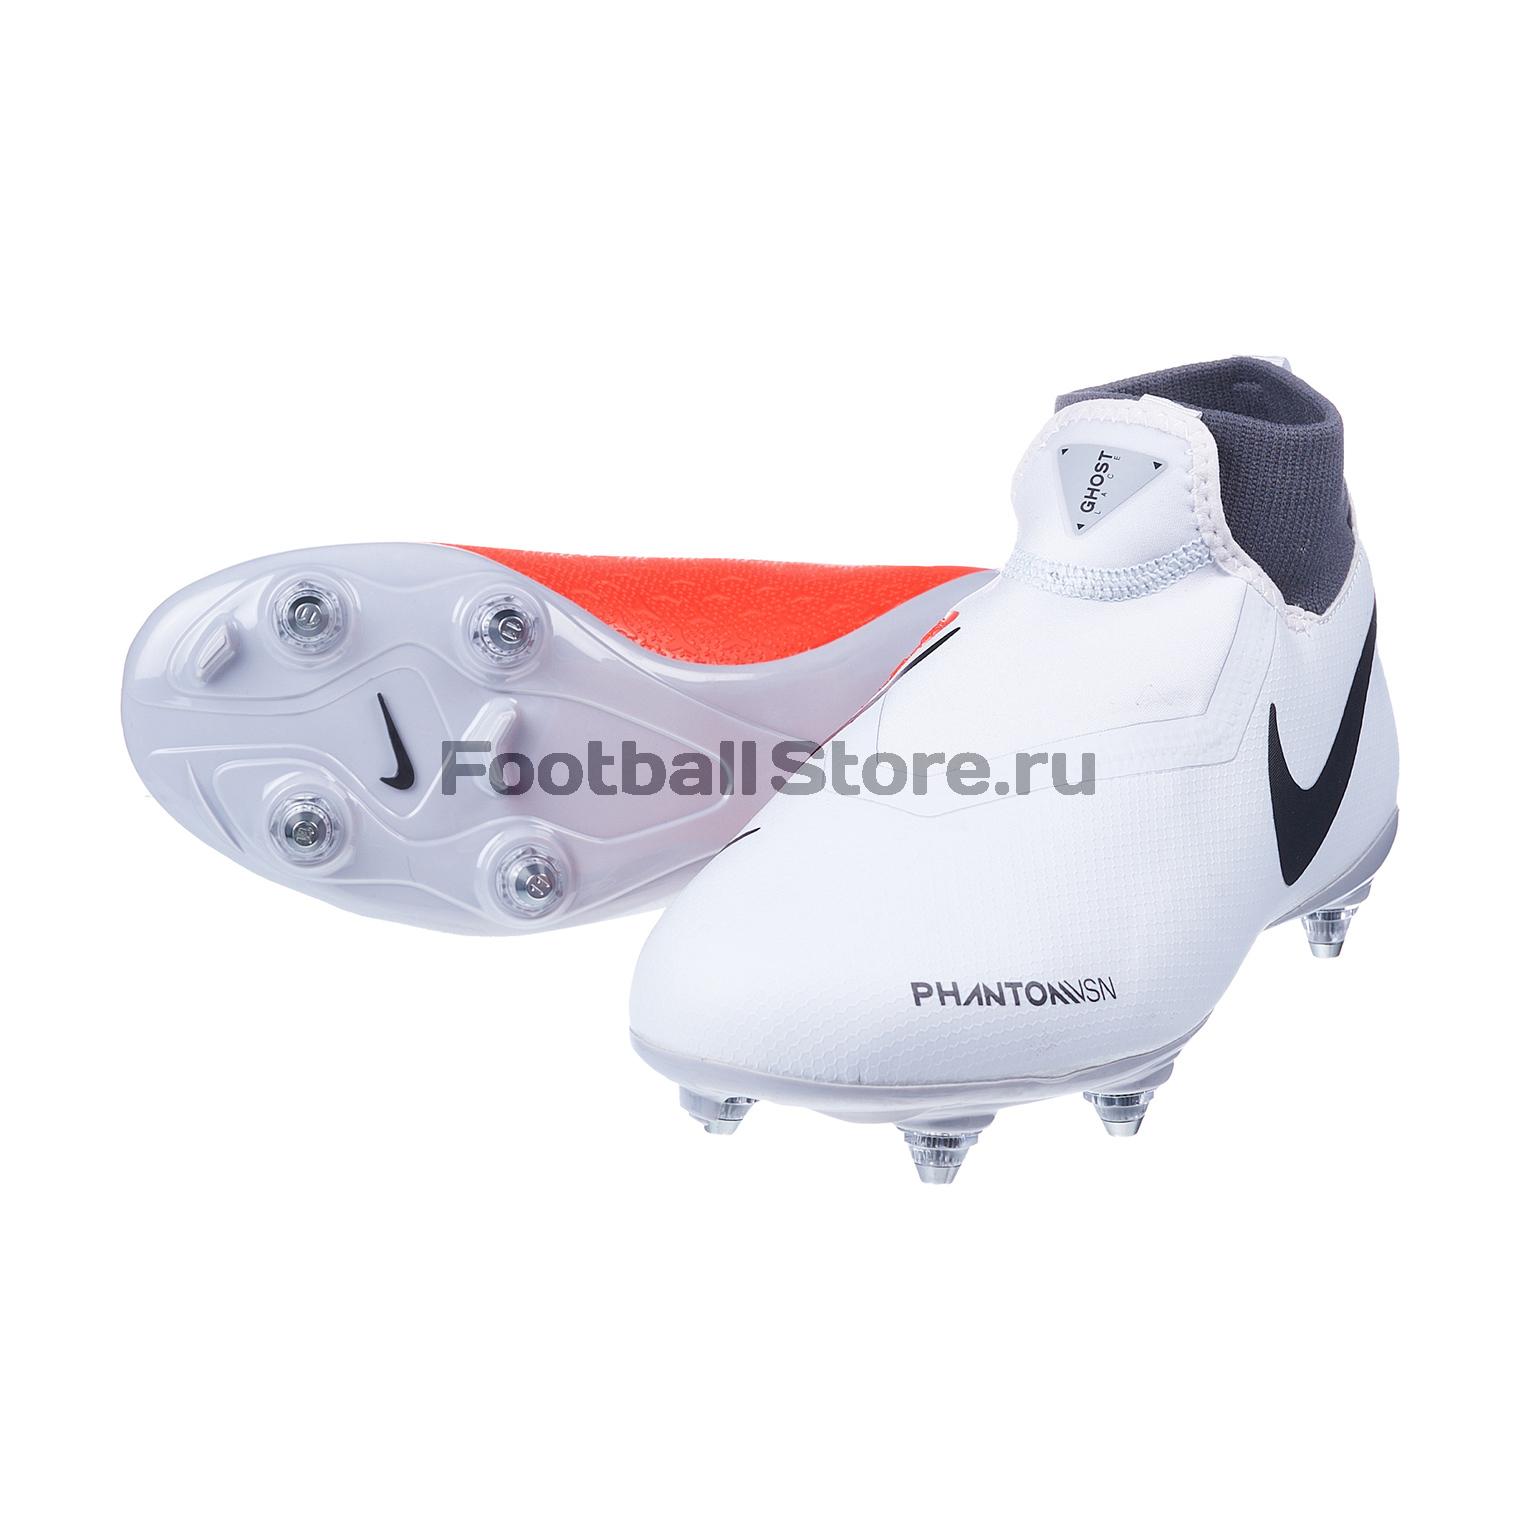 Бутсы детские Nike Phantom Vision Academy DF SG AQ9298-060 бутсы nike superfly 6 elite sg pro ac ah7366 060